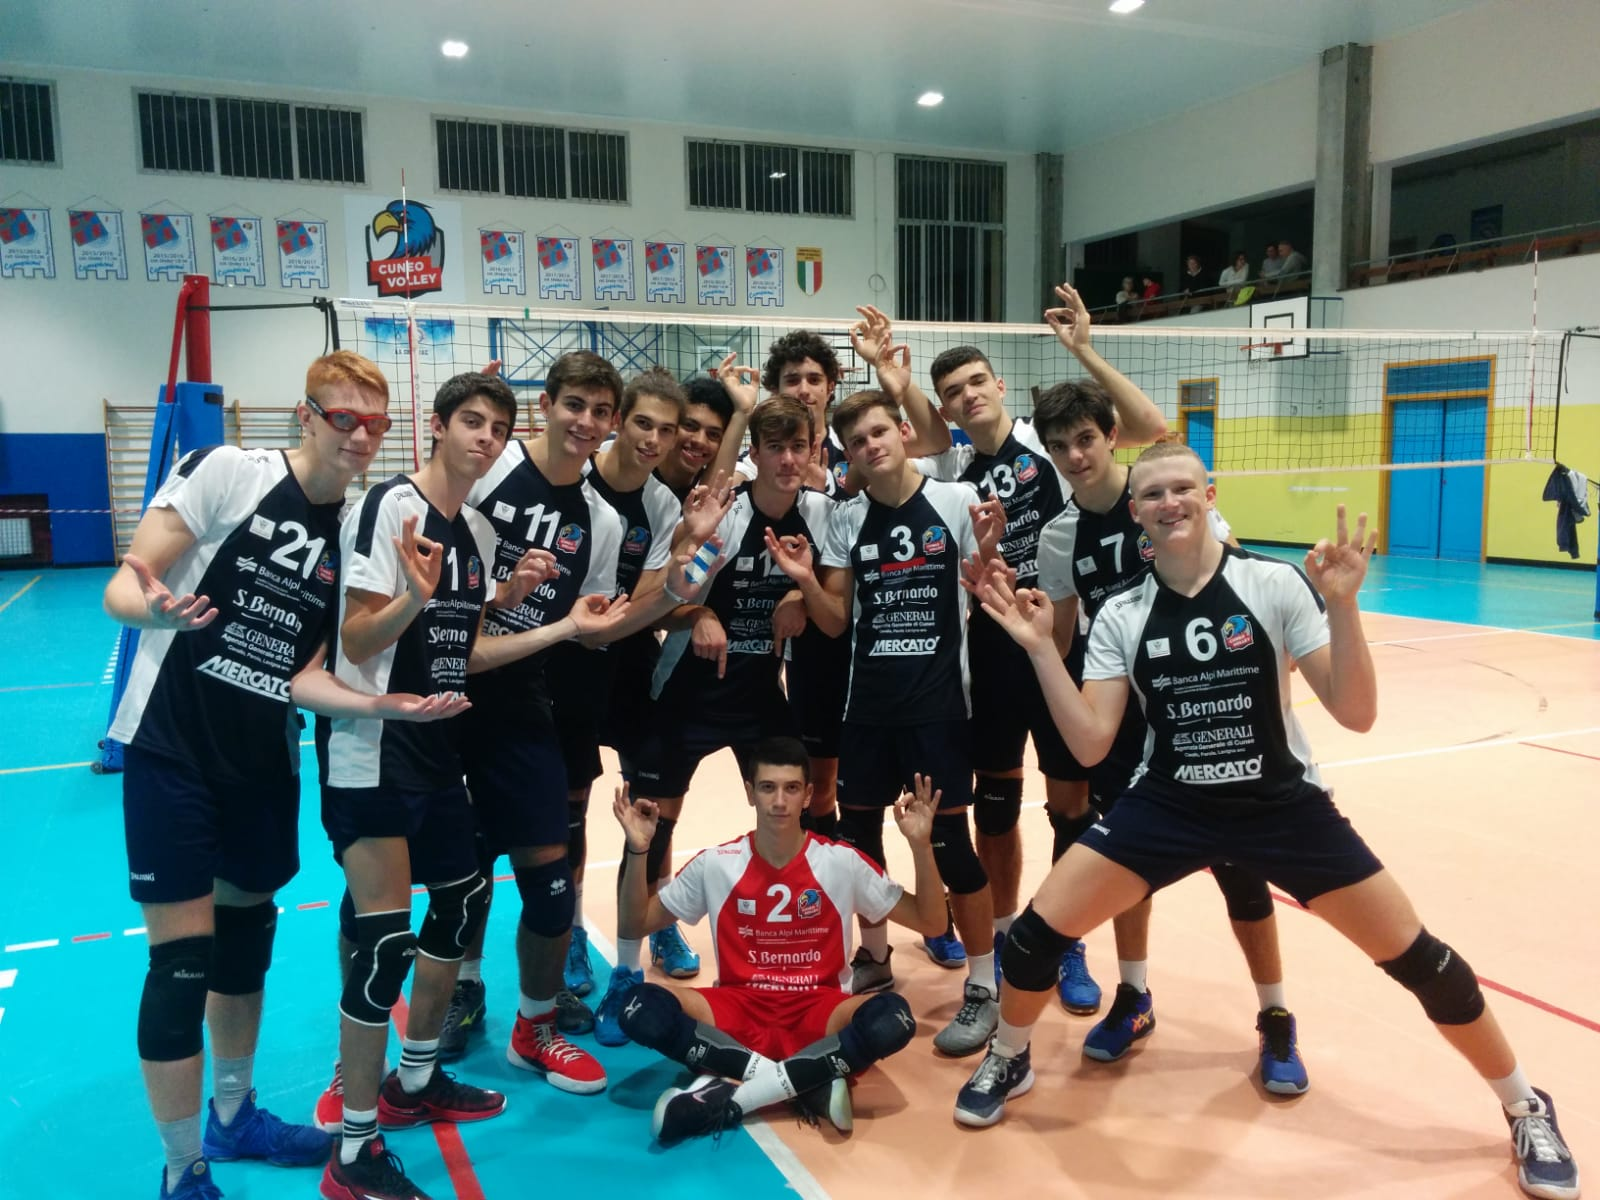 Volley C/M: Cuneo di carattere! L'Altiora si arrende al quinto set - IdeaWebTv